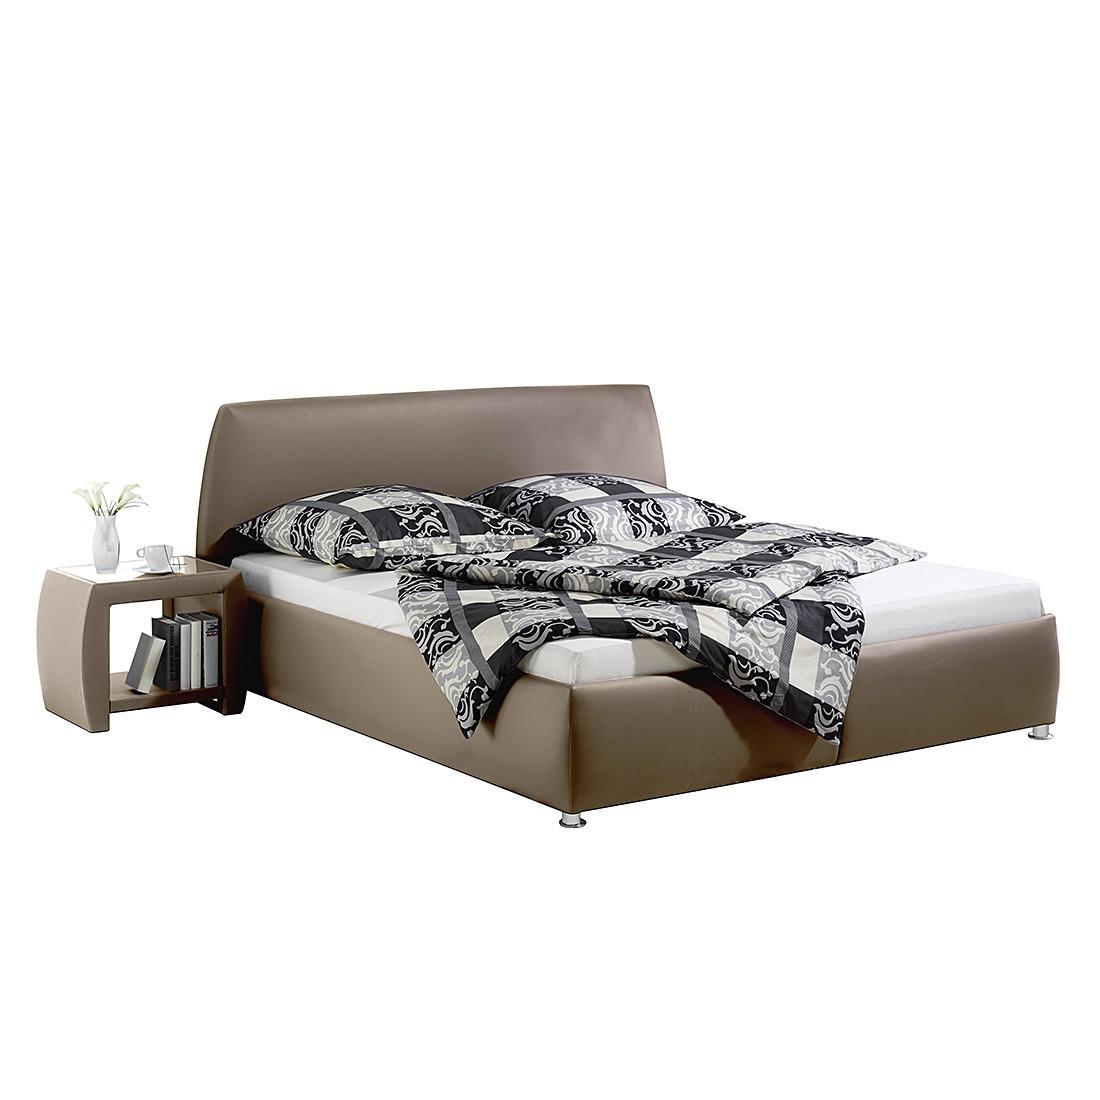 Gestoffeerd bed Mio - kunstleer - 100 x 200cm - Bonell-onderveringmatras incl. lattenbodem met 13 latten - Taupe, Monaco